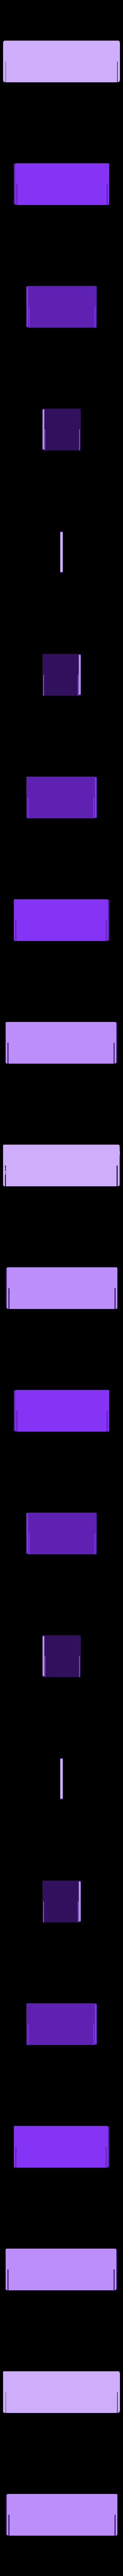 bureau2.STL Télécharger fichier STL gratuit Bureau  • Design pour impression 3D, maxgg